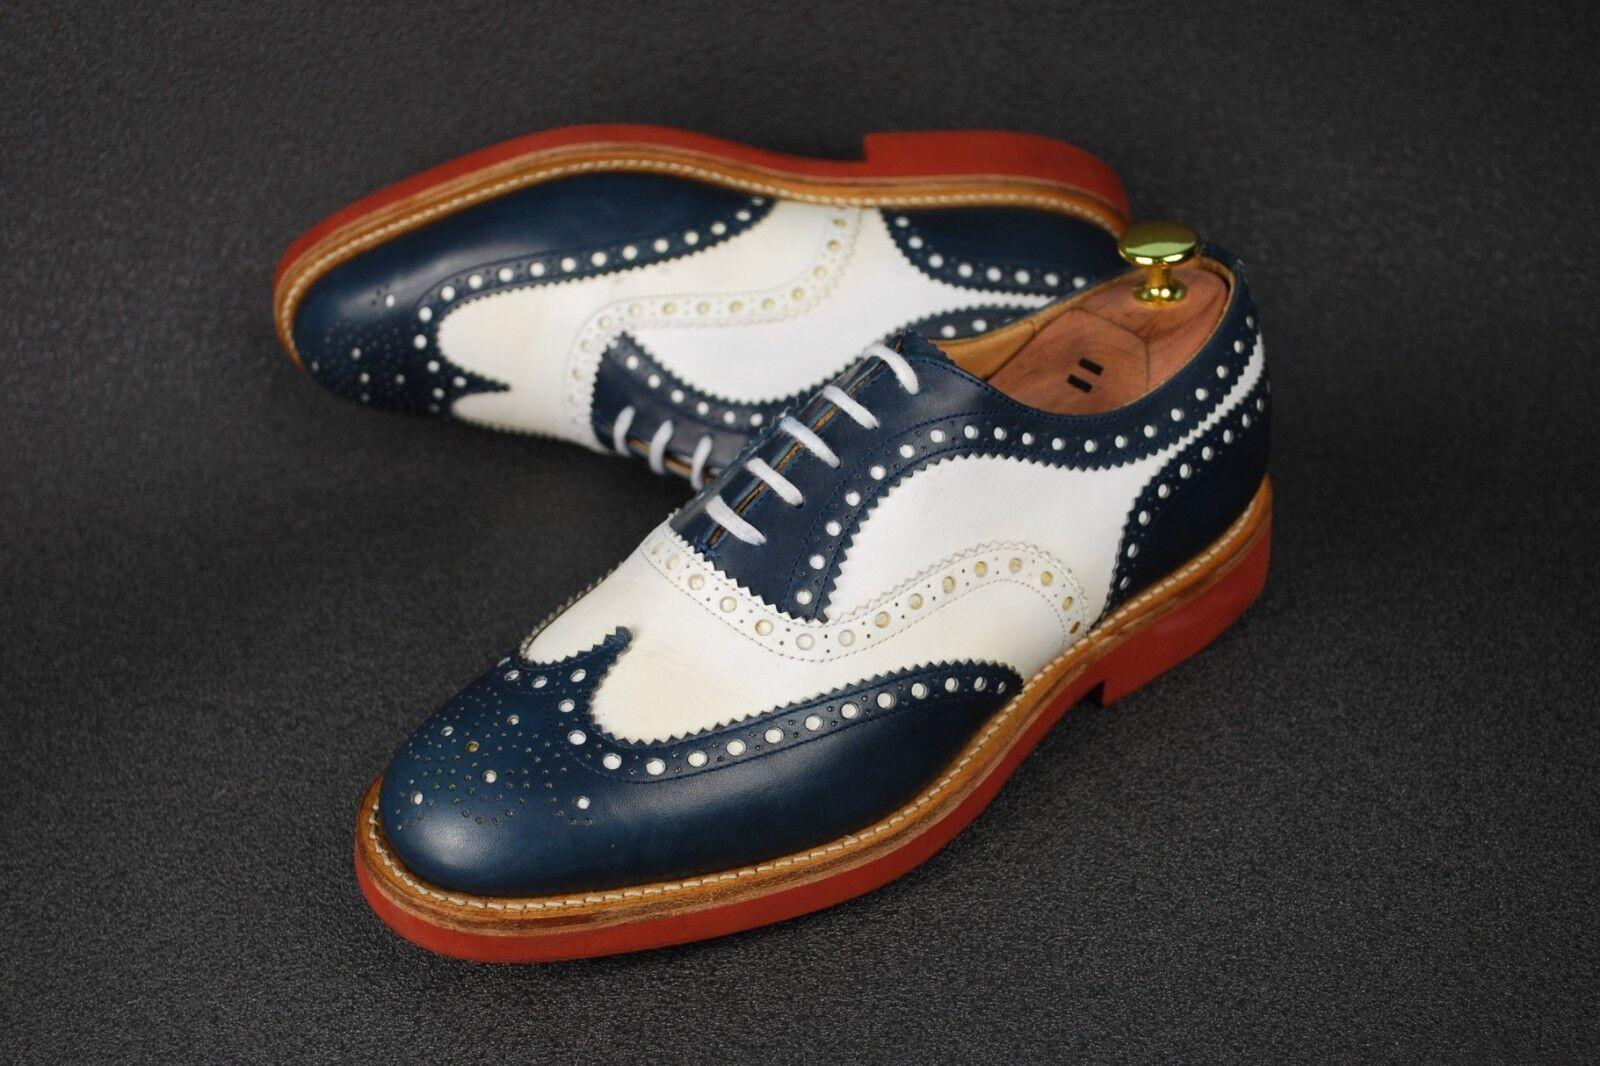 Church'S DOWNTON 2 Hecho en Inglaterra Zapatos Brogue Oxford 41 8US 7G Reino Unido